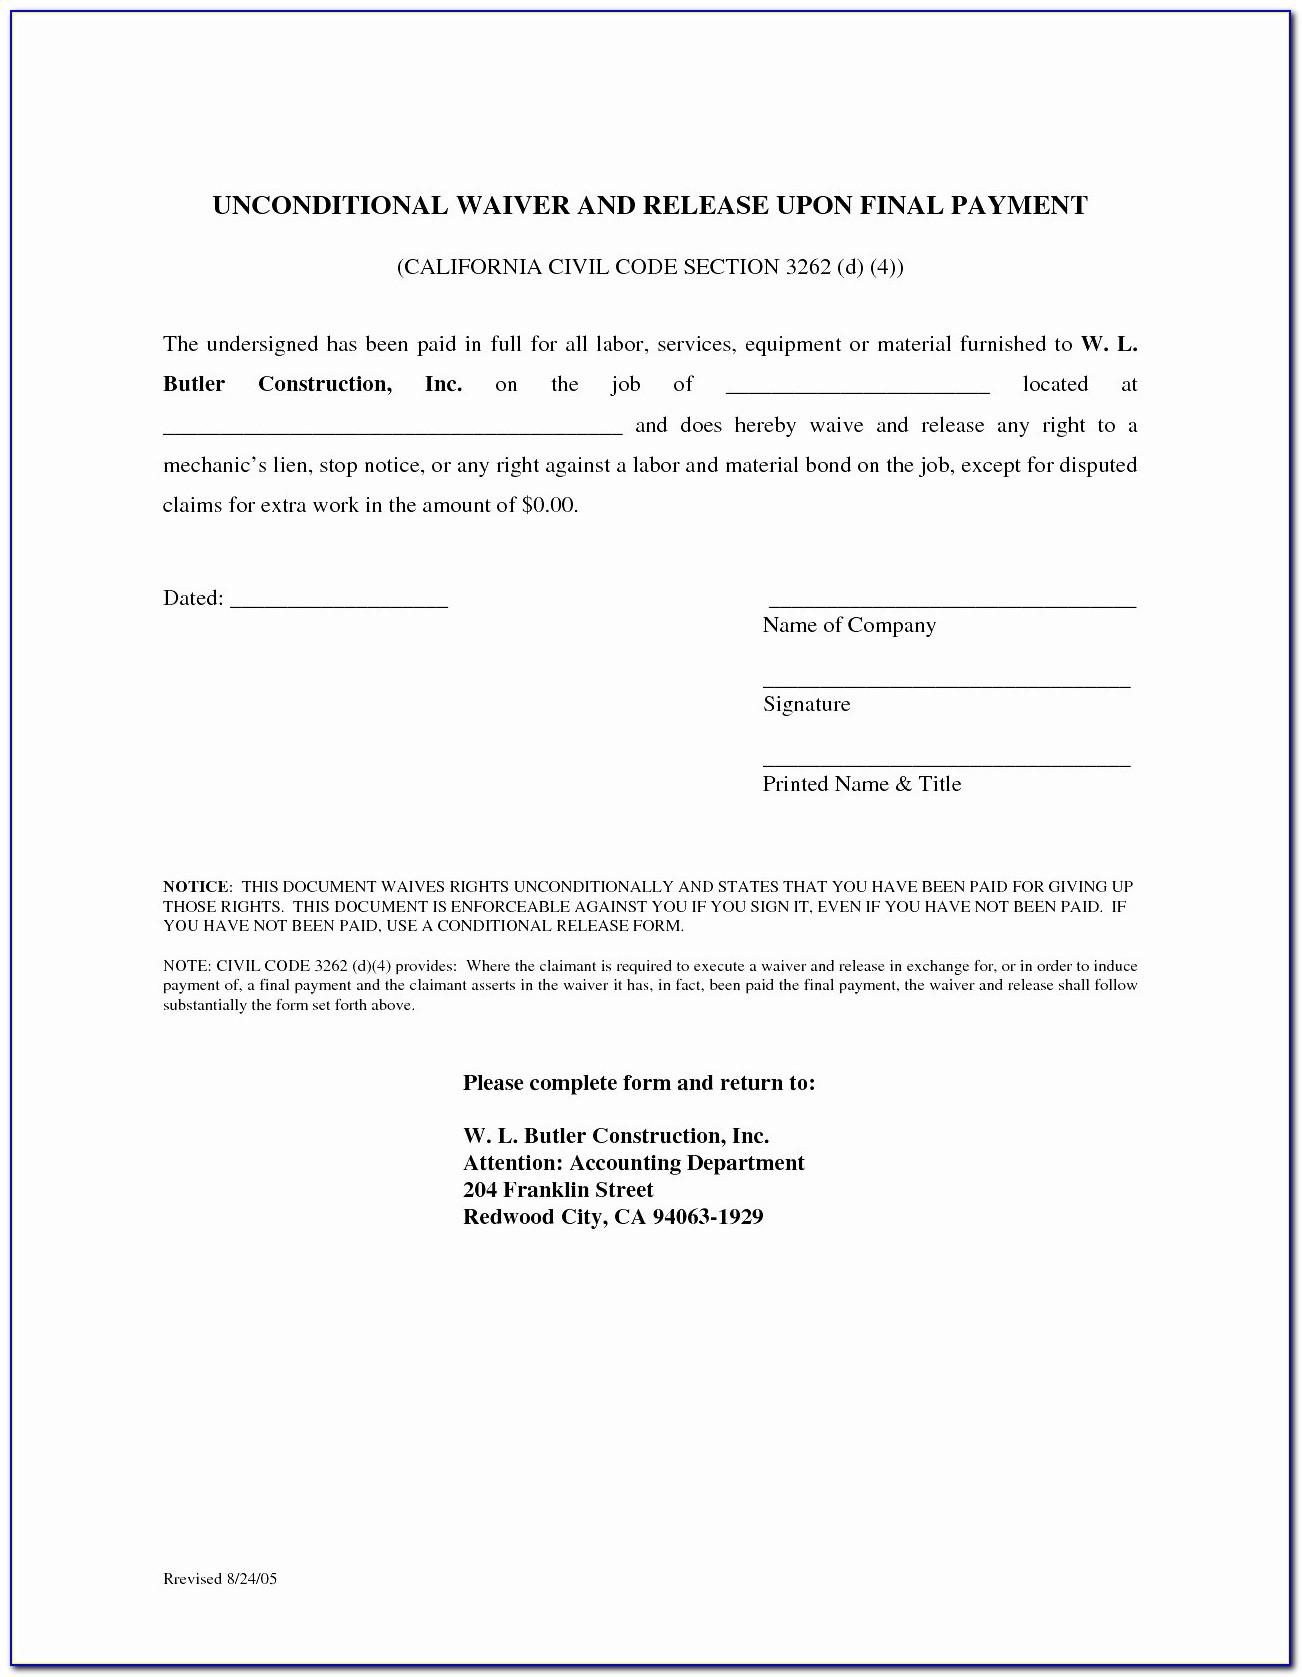 Lien Release Letter California Mechanics Lien Form Unique Lien Release Letter Template